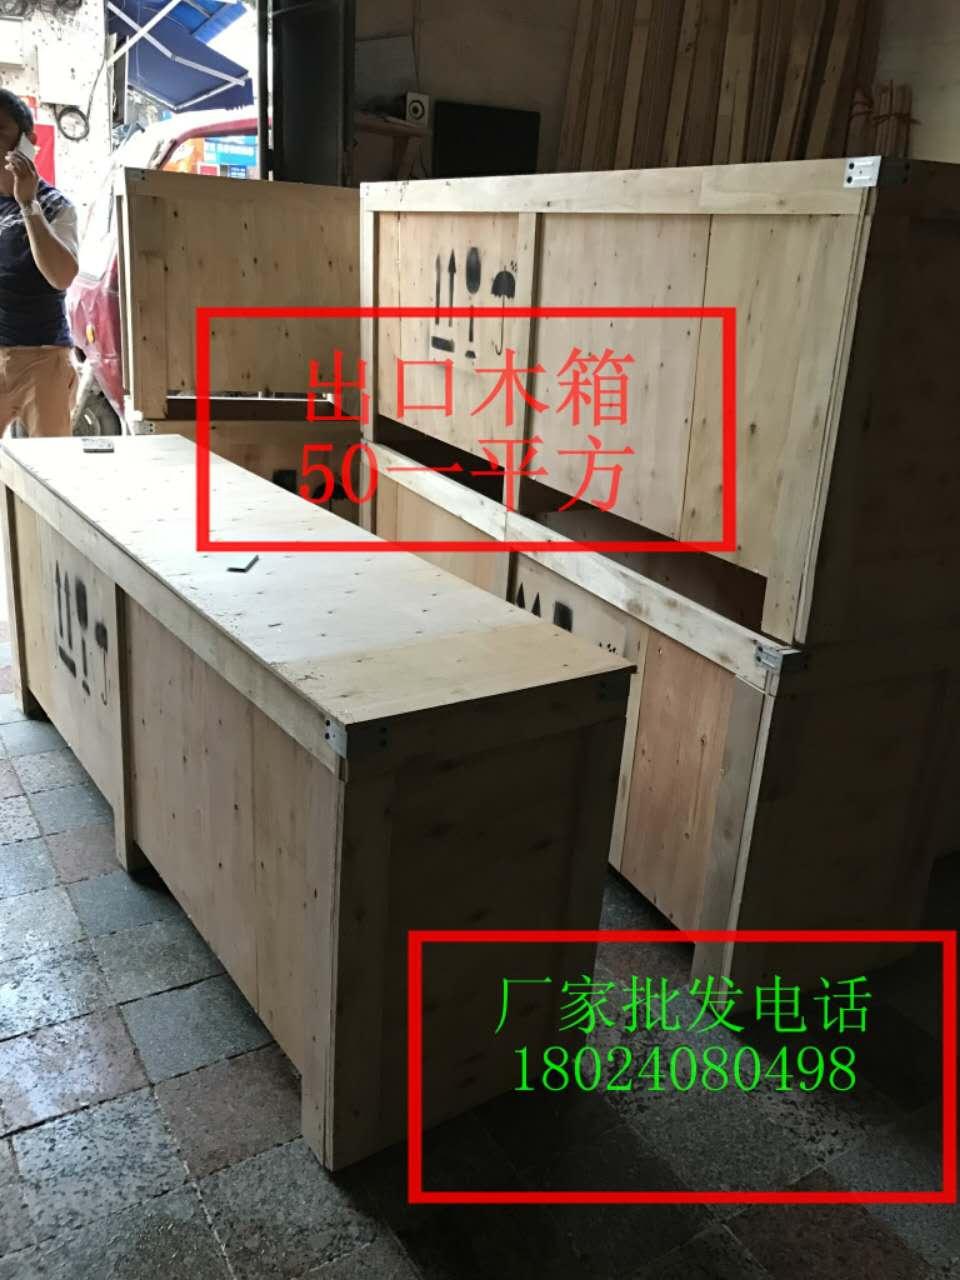 广州番禺快速上门打出口木箱木架电话【18024080498】